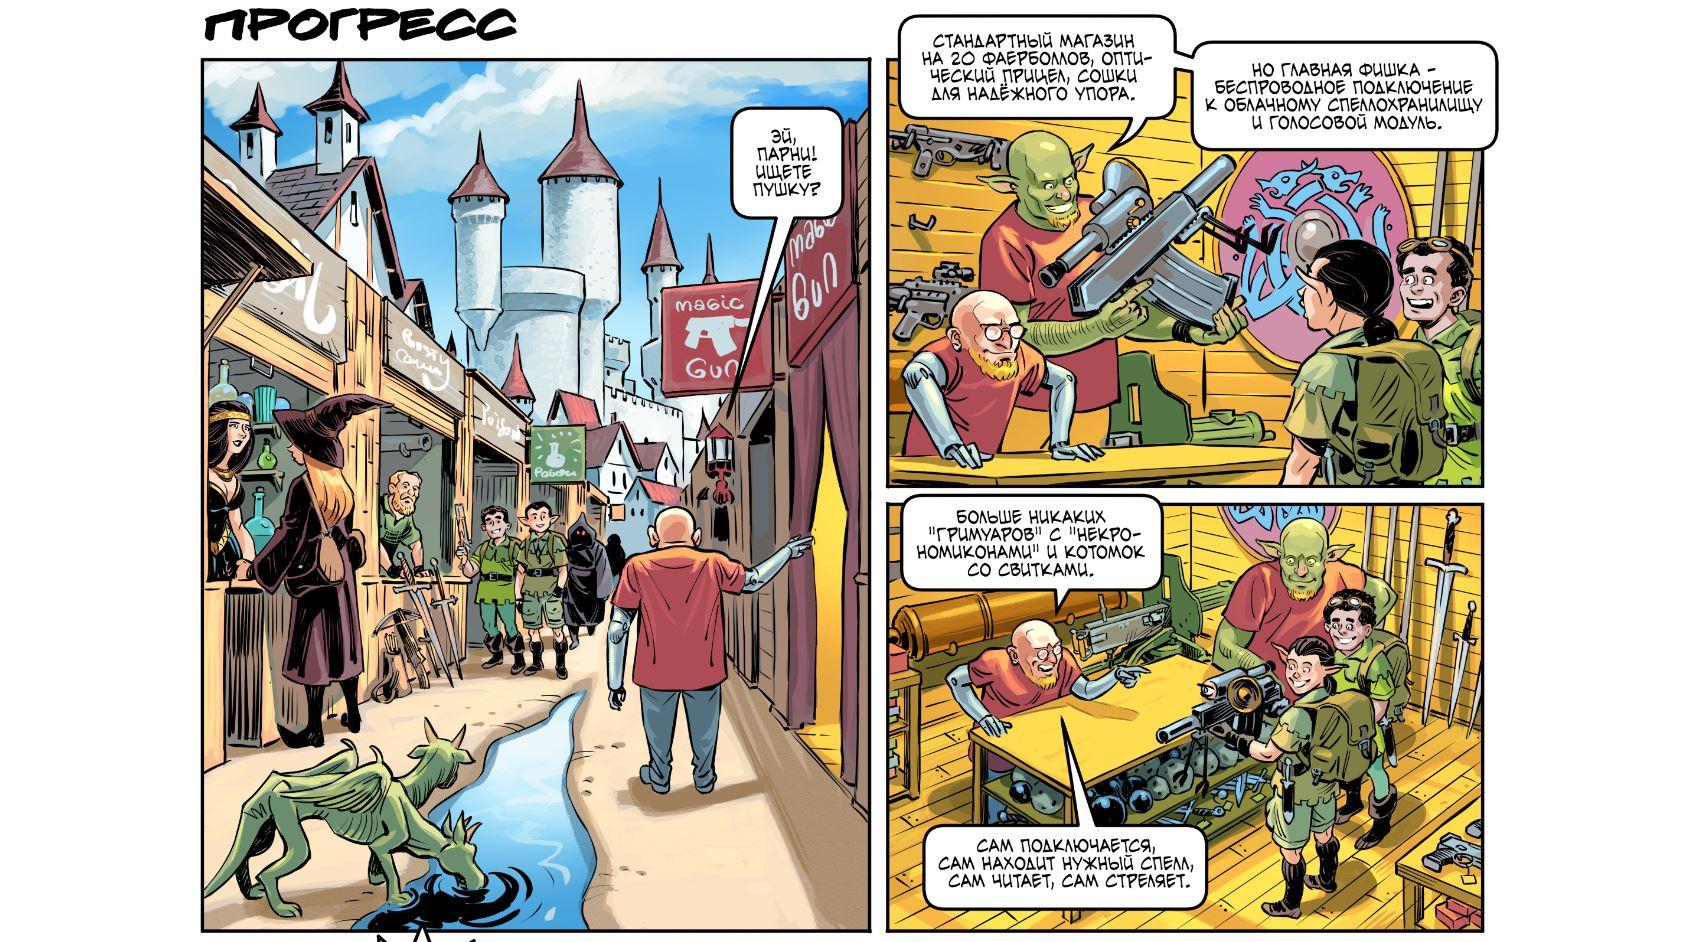 Комикс: прогресс 1